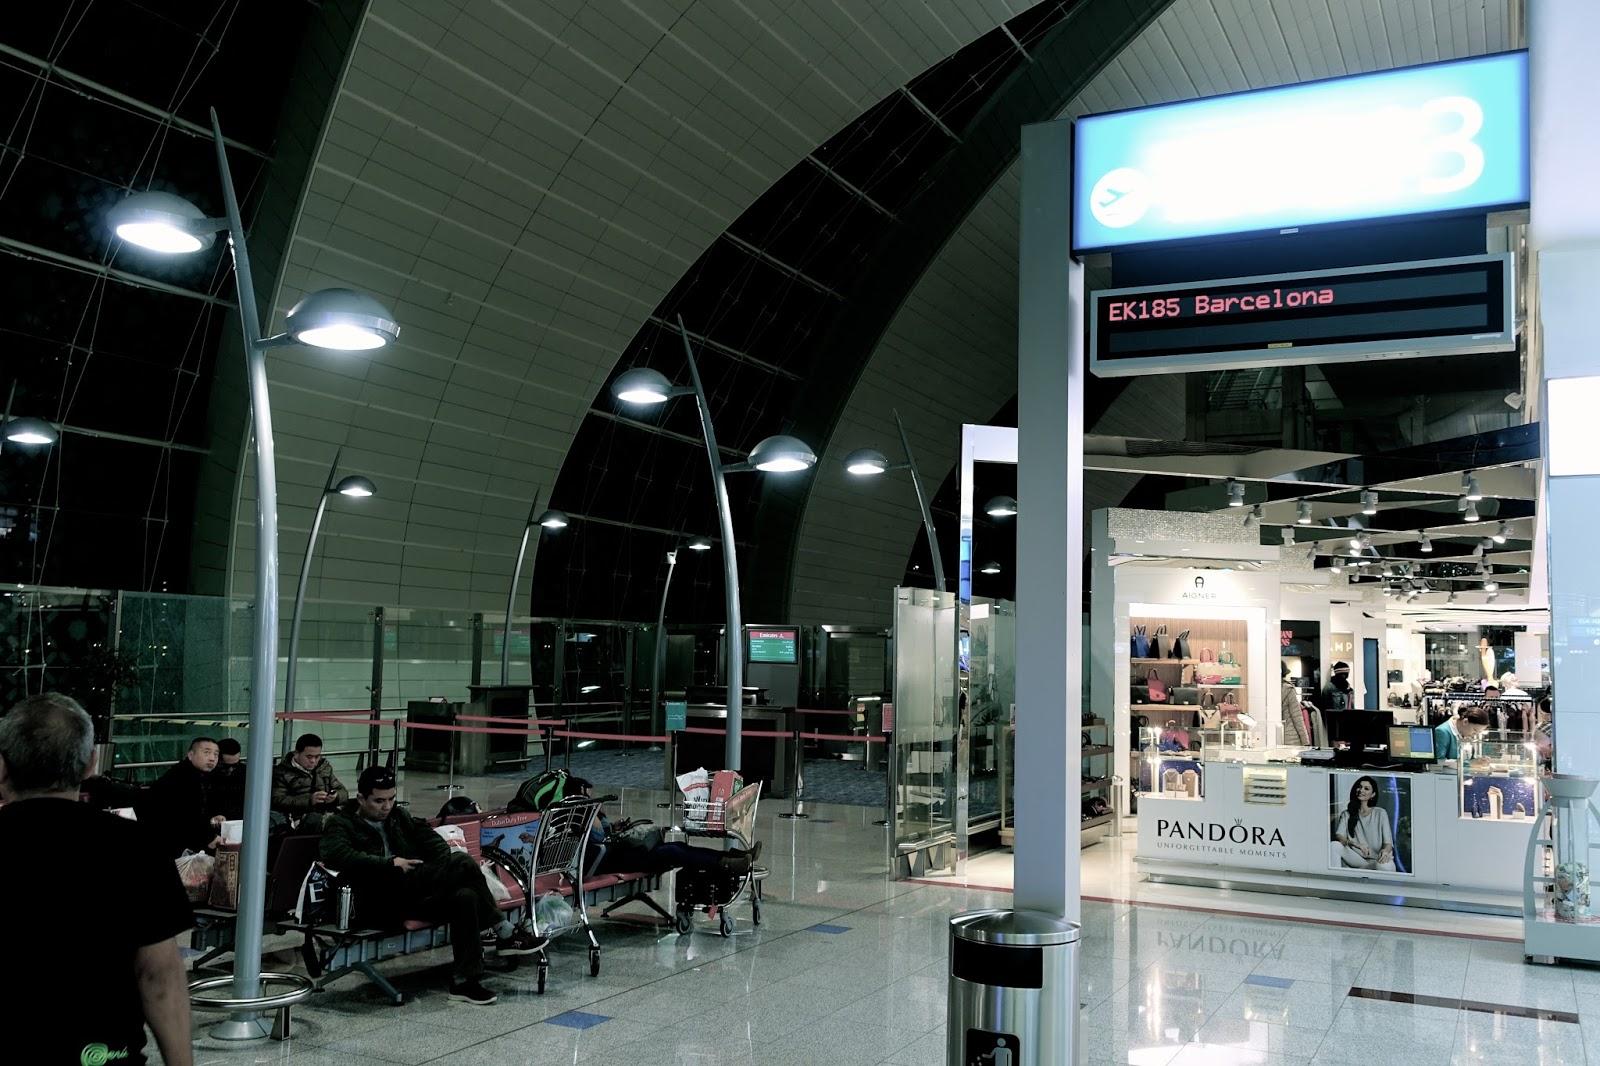 ドバイ国際空港・バルセロナ行き近くの待合いスペース(第3ターミナル)